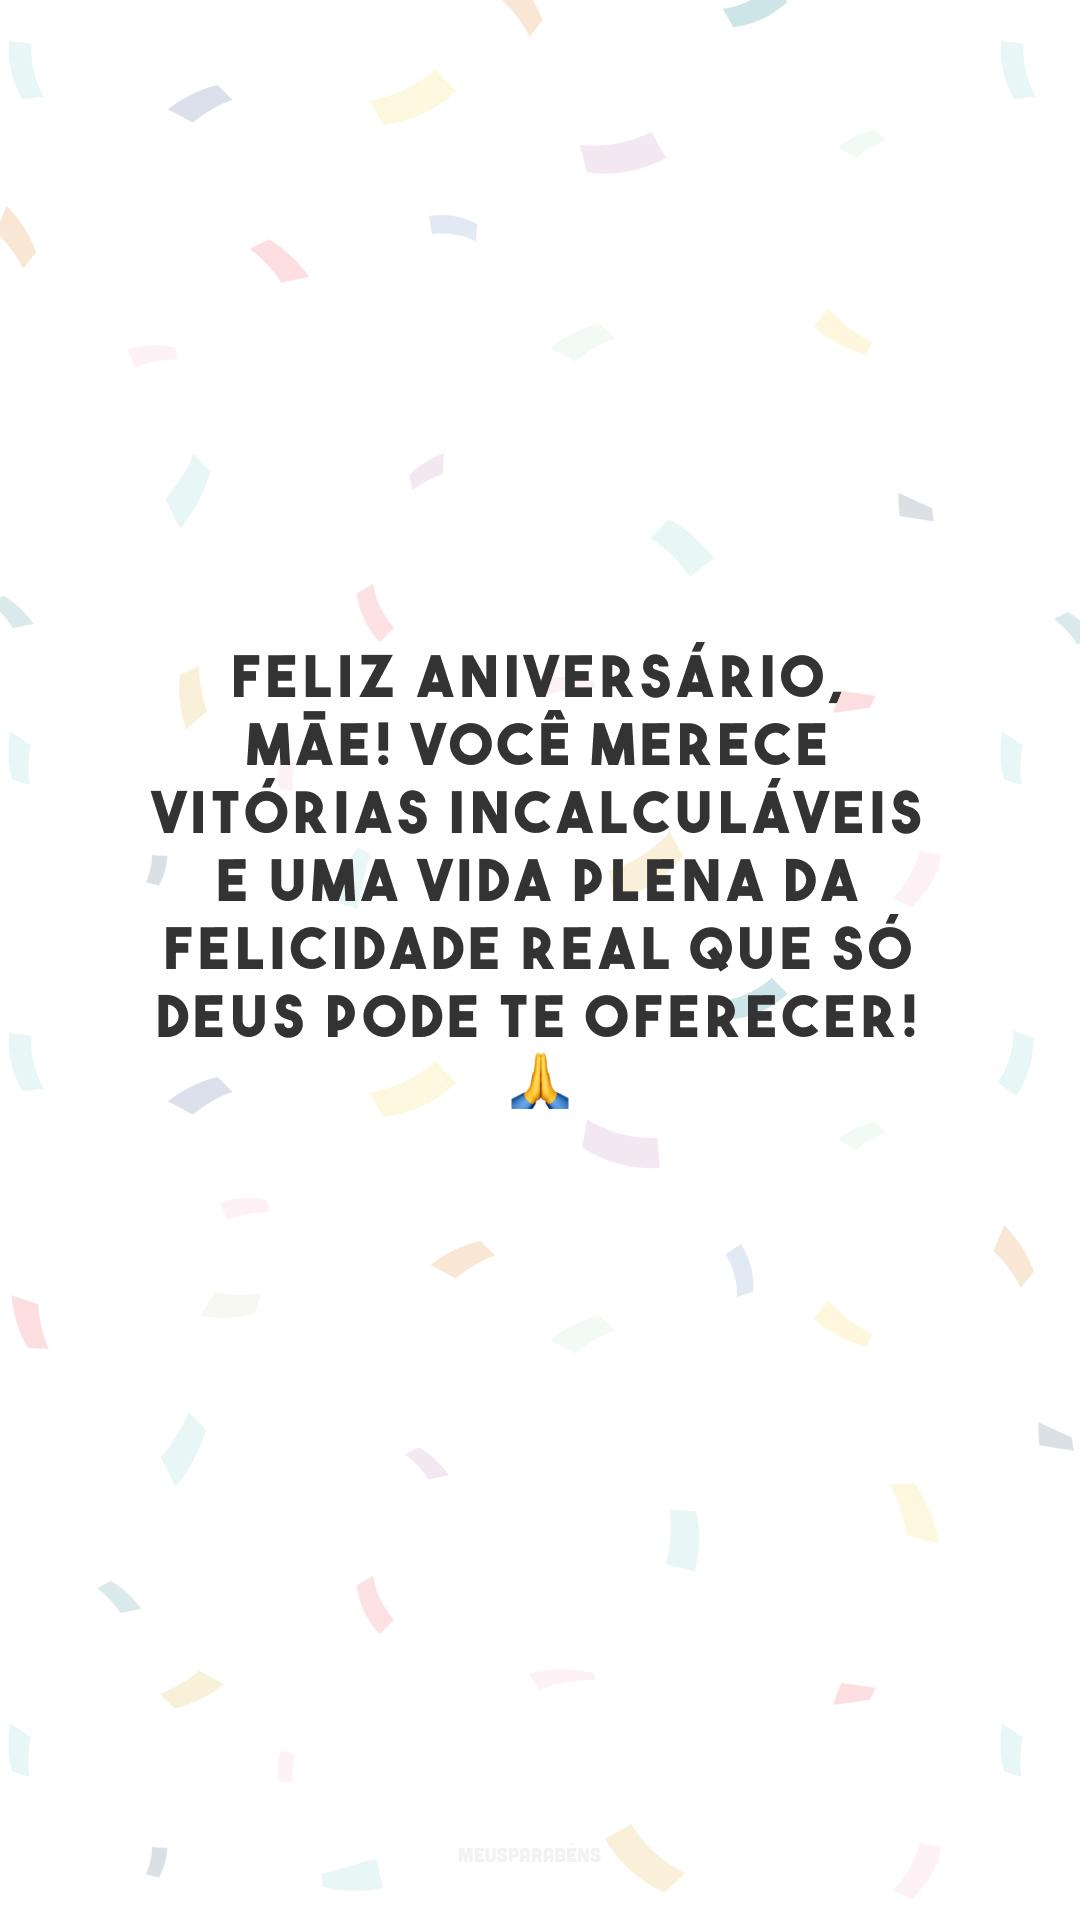 Feliz aniversário, mãe! Você merece vitórias incalculáveis e uma vida plena da felicidade real que só Deus pode te oferecer! 🙏